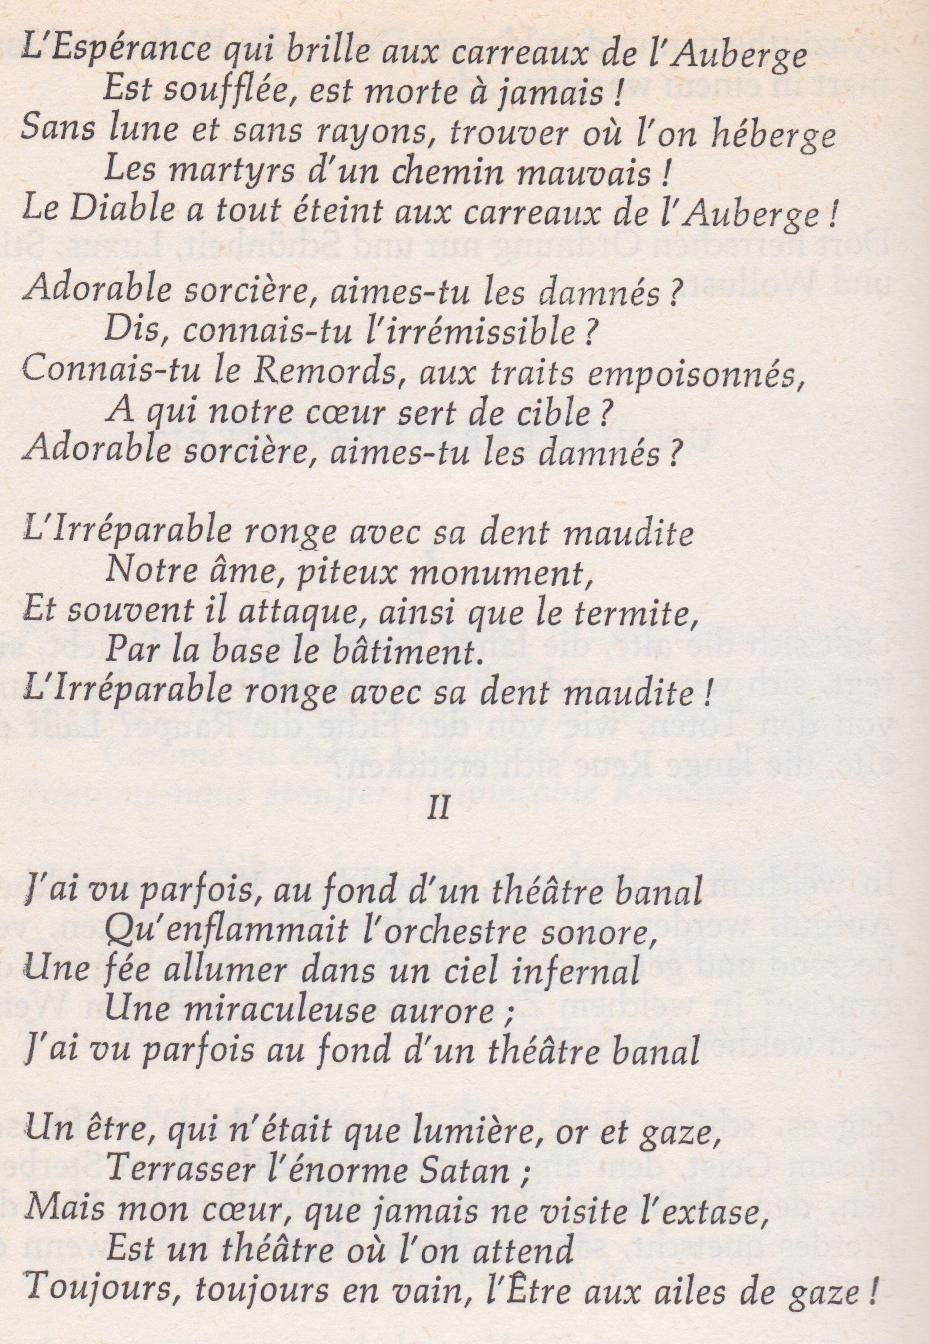 Lust auf das nichts - Le gout du jour moulins ...